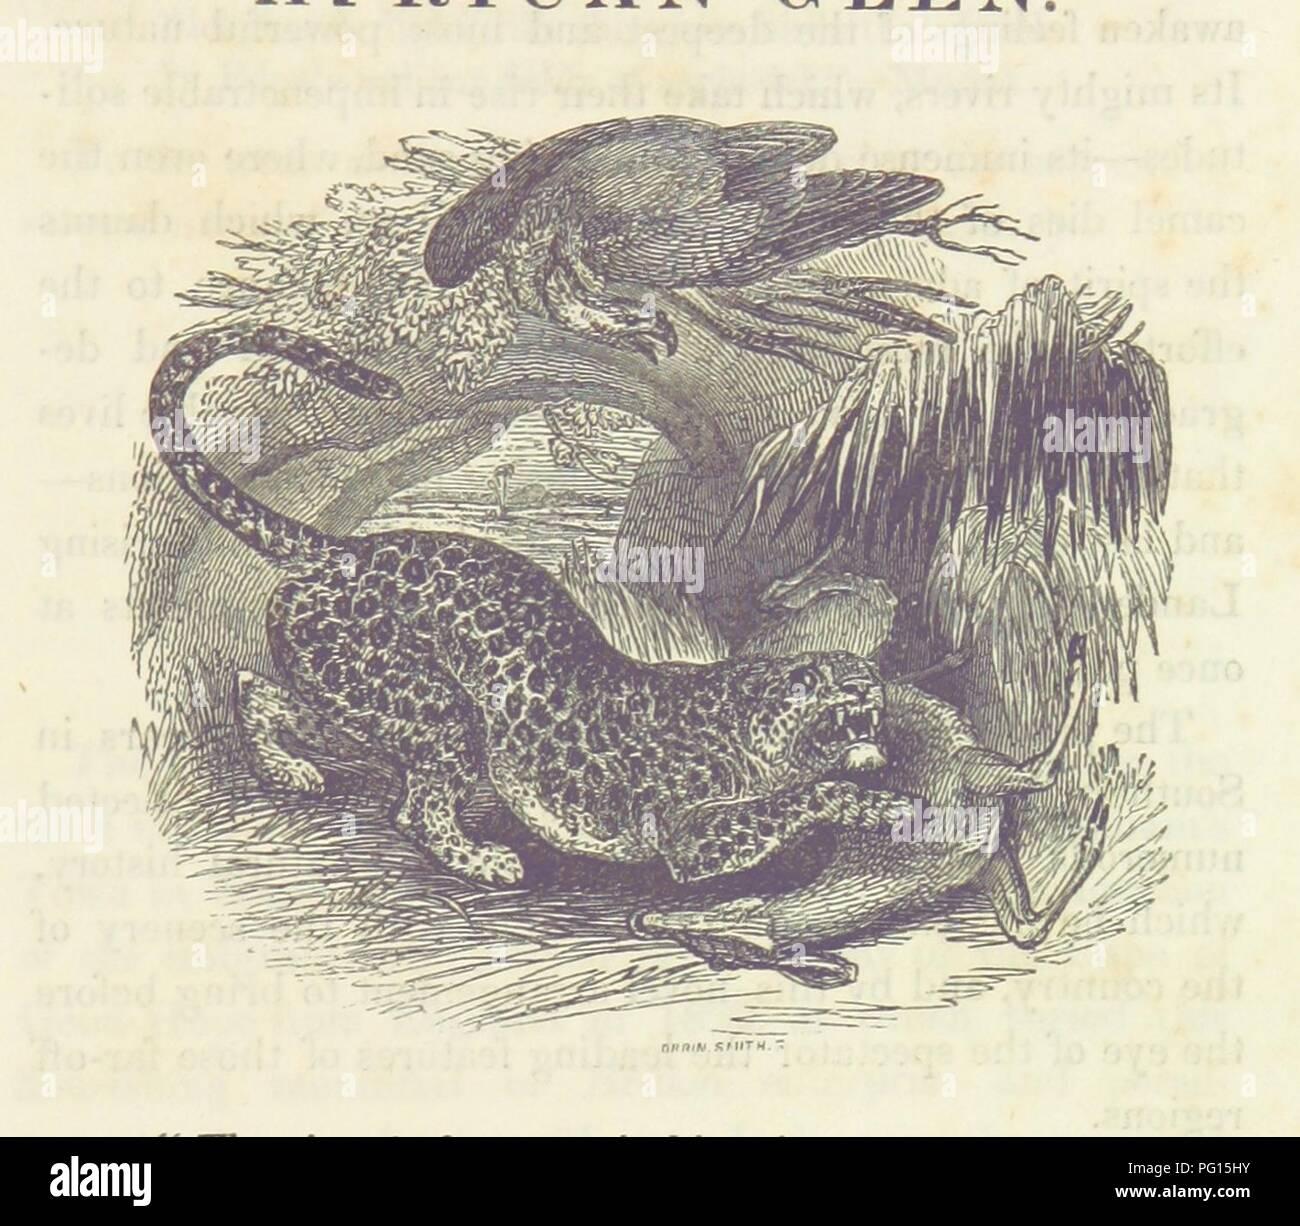 """Bild von Seite 9 des """"Afrikanischen Glen, Kolosseum, Regent's Park. Eine Beschreibung der Blick ... und ... Panoramablick Malerei ... zusammen mit einer umfangreichen Sammlung von ... Exemplare der natürlichen Geschichte... Zwölfte Ausgabe 'b0037. Stockbild"""